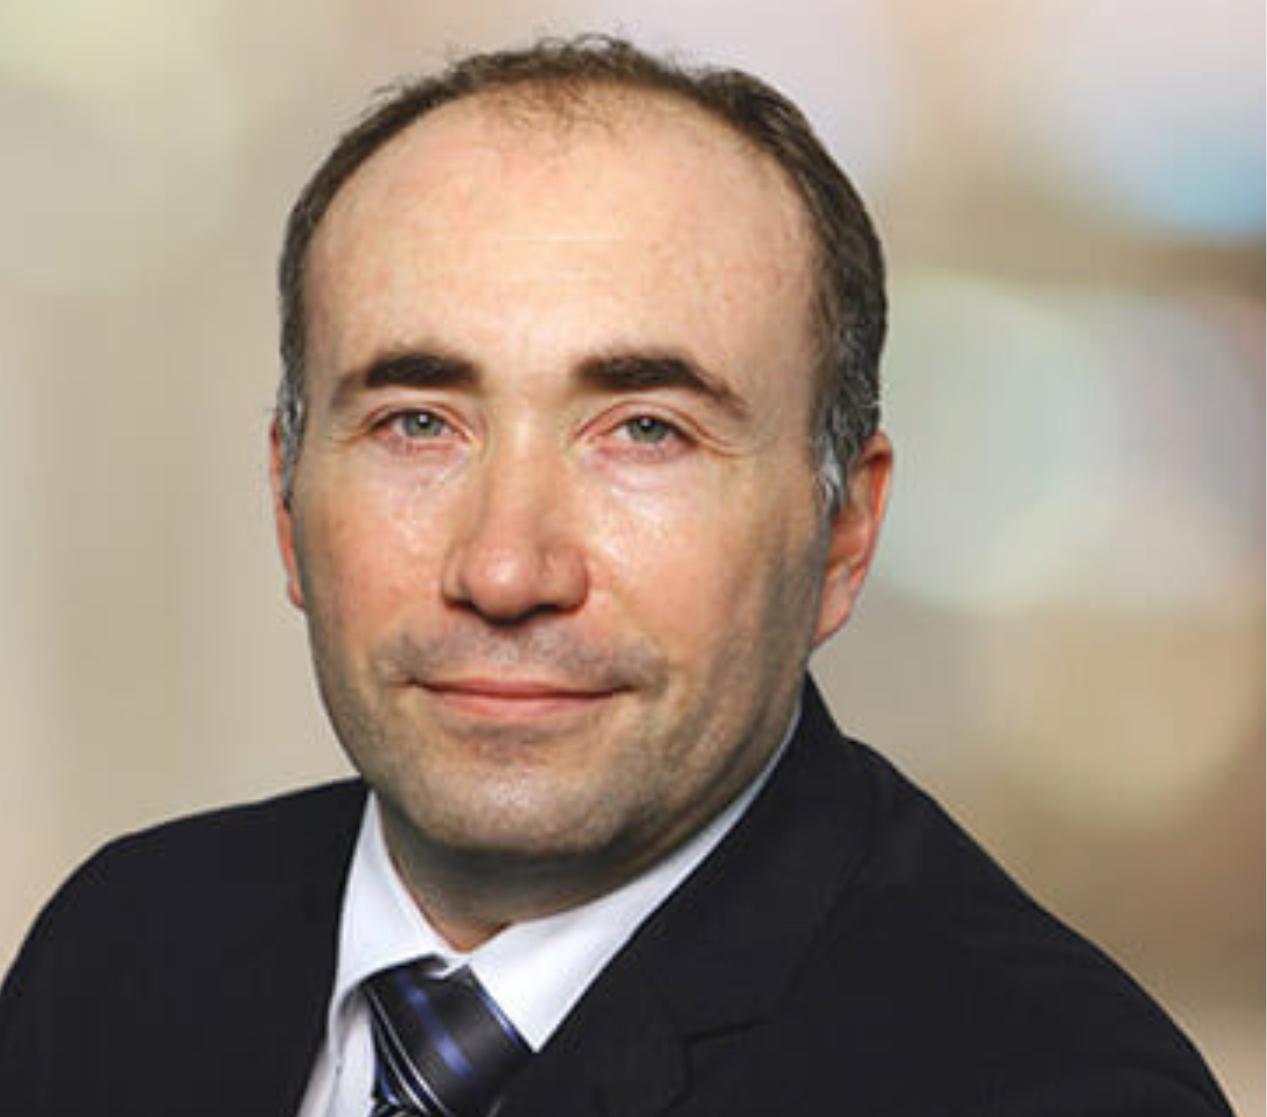 Jérôme Plainchault